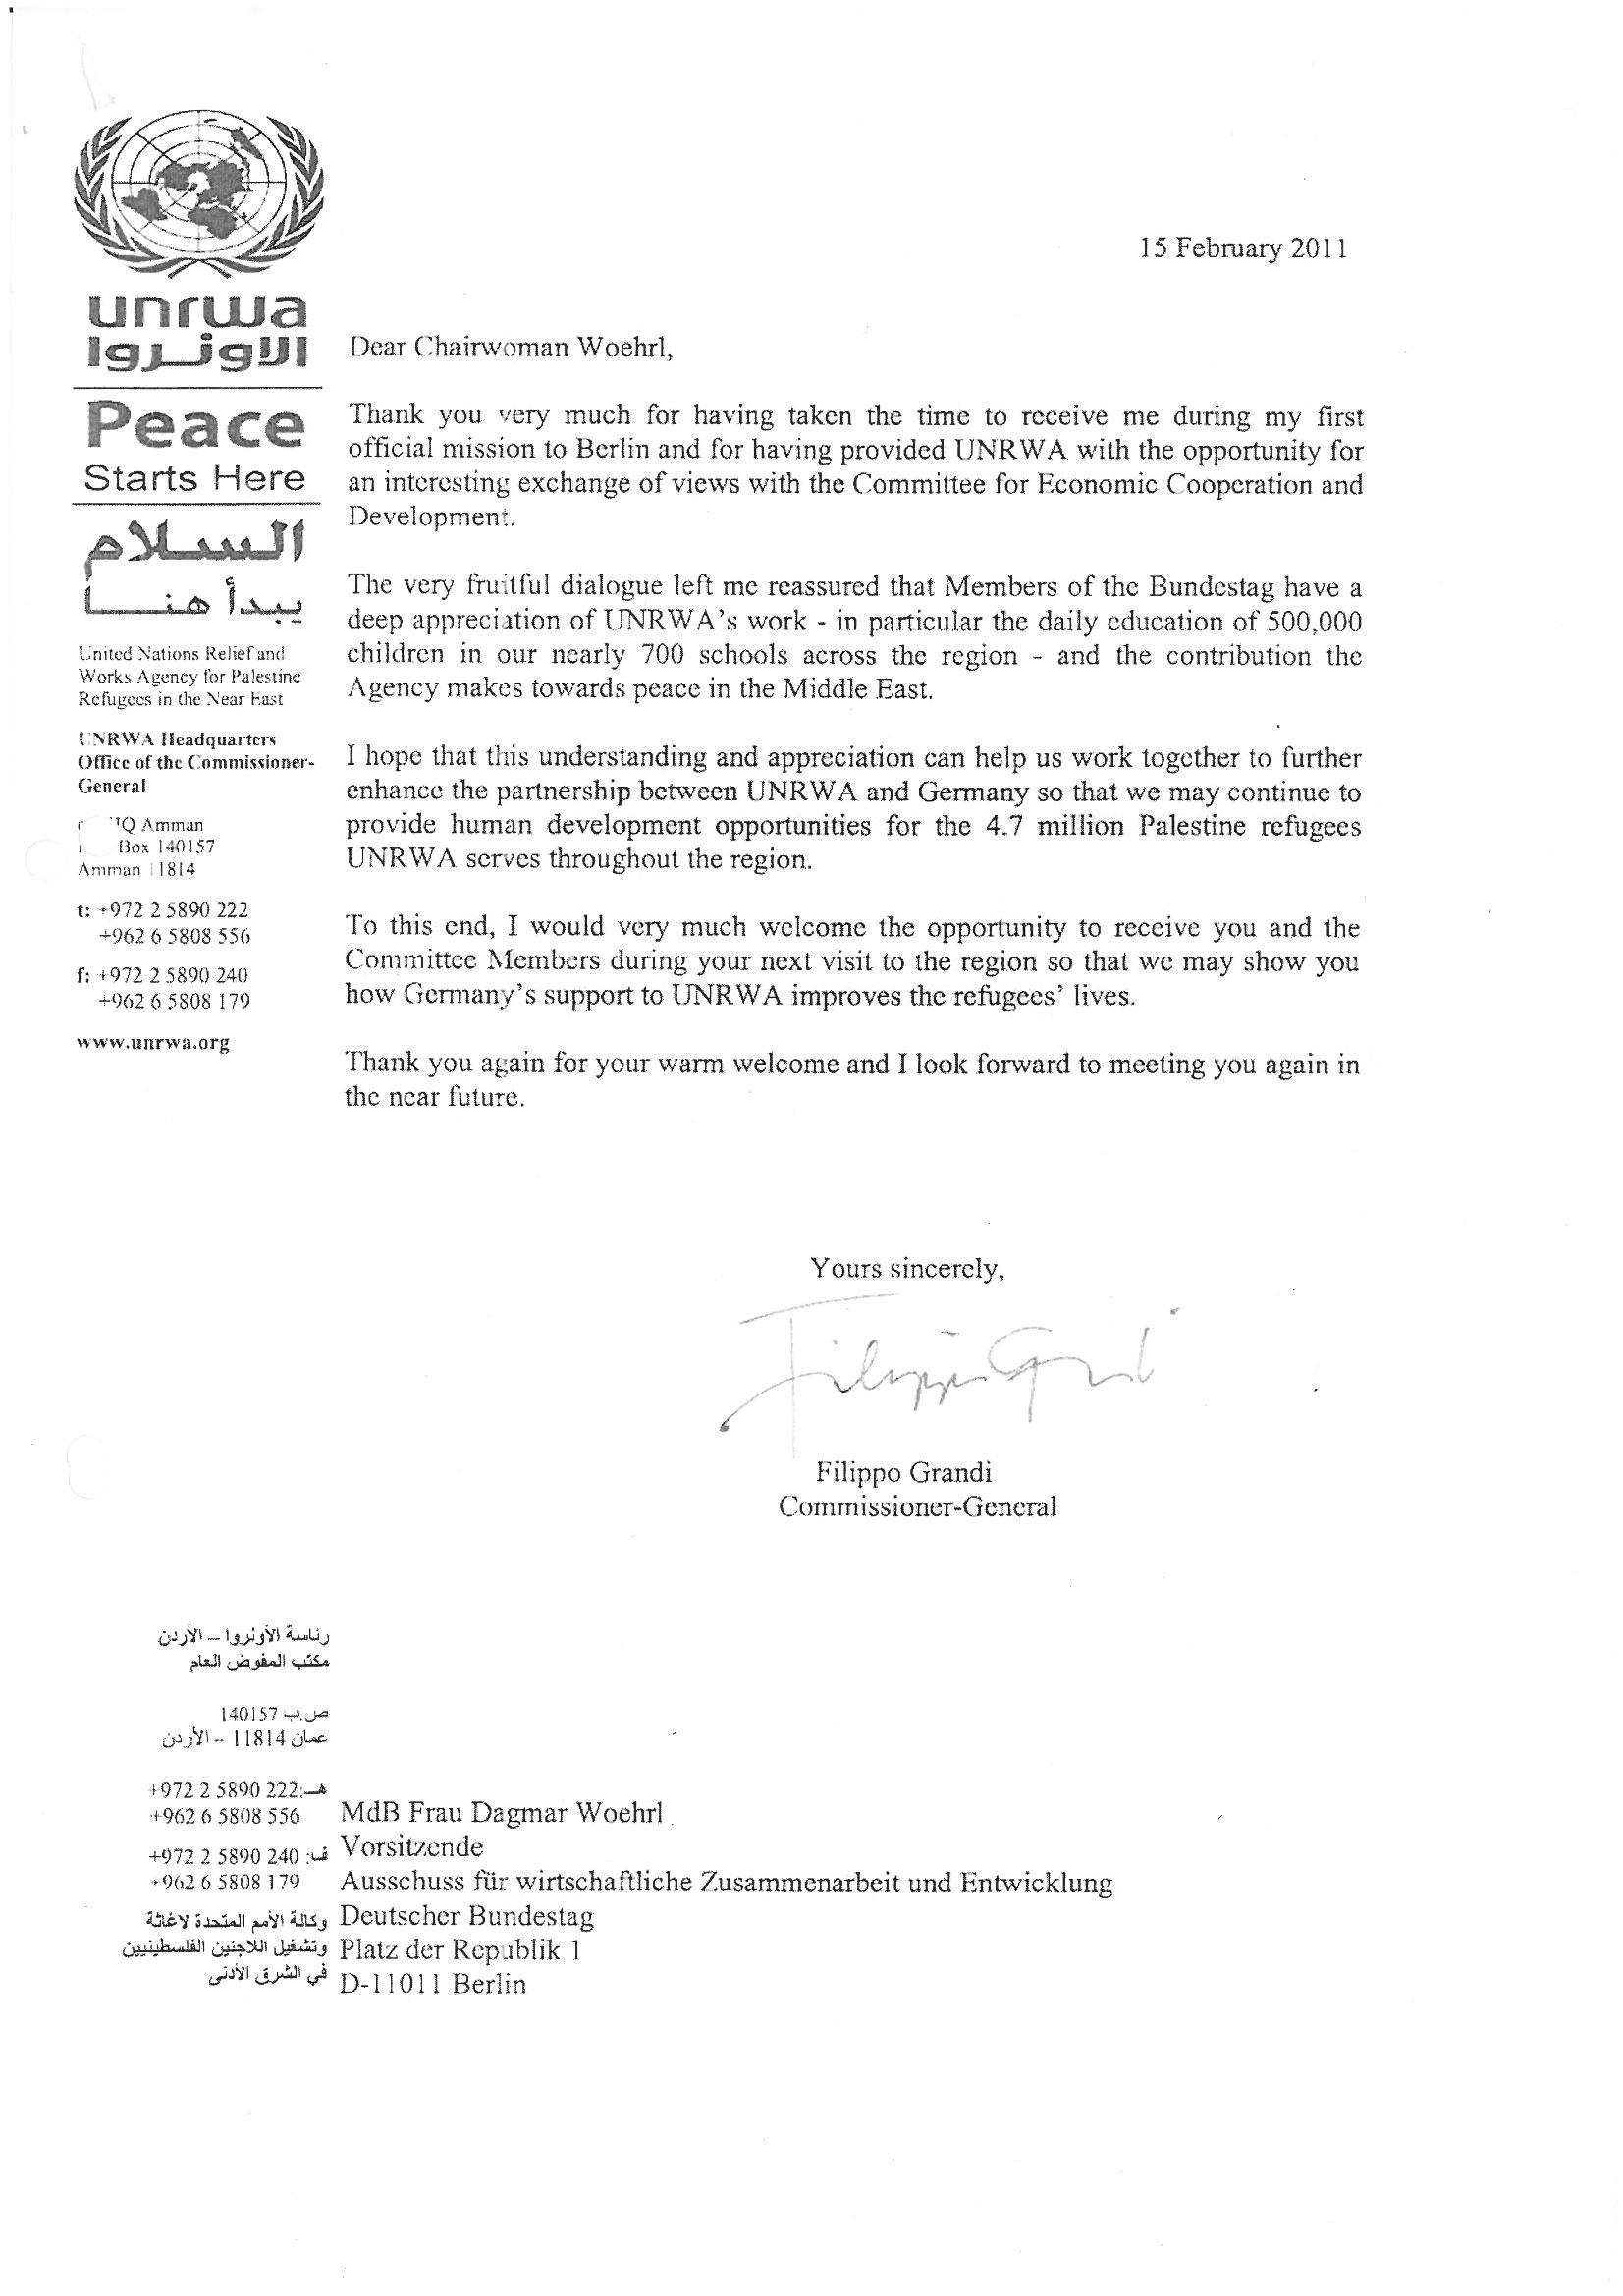 Schreiben des UNRWA. Dagmar G. Wöhrl - 25. Februar 2011